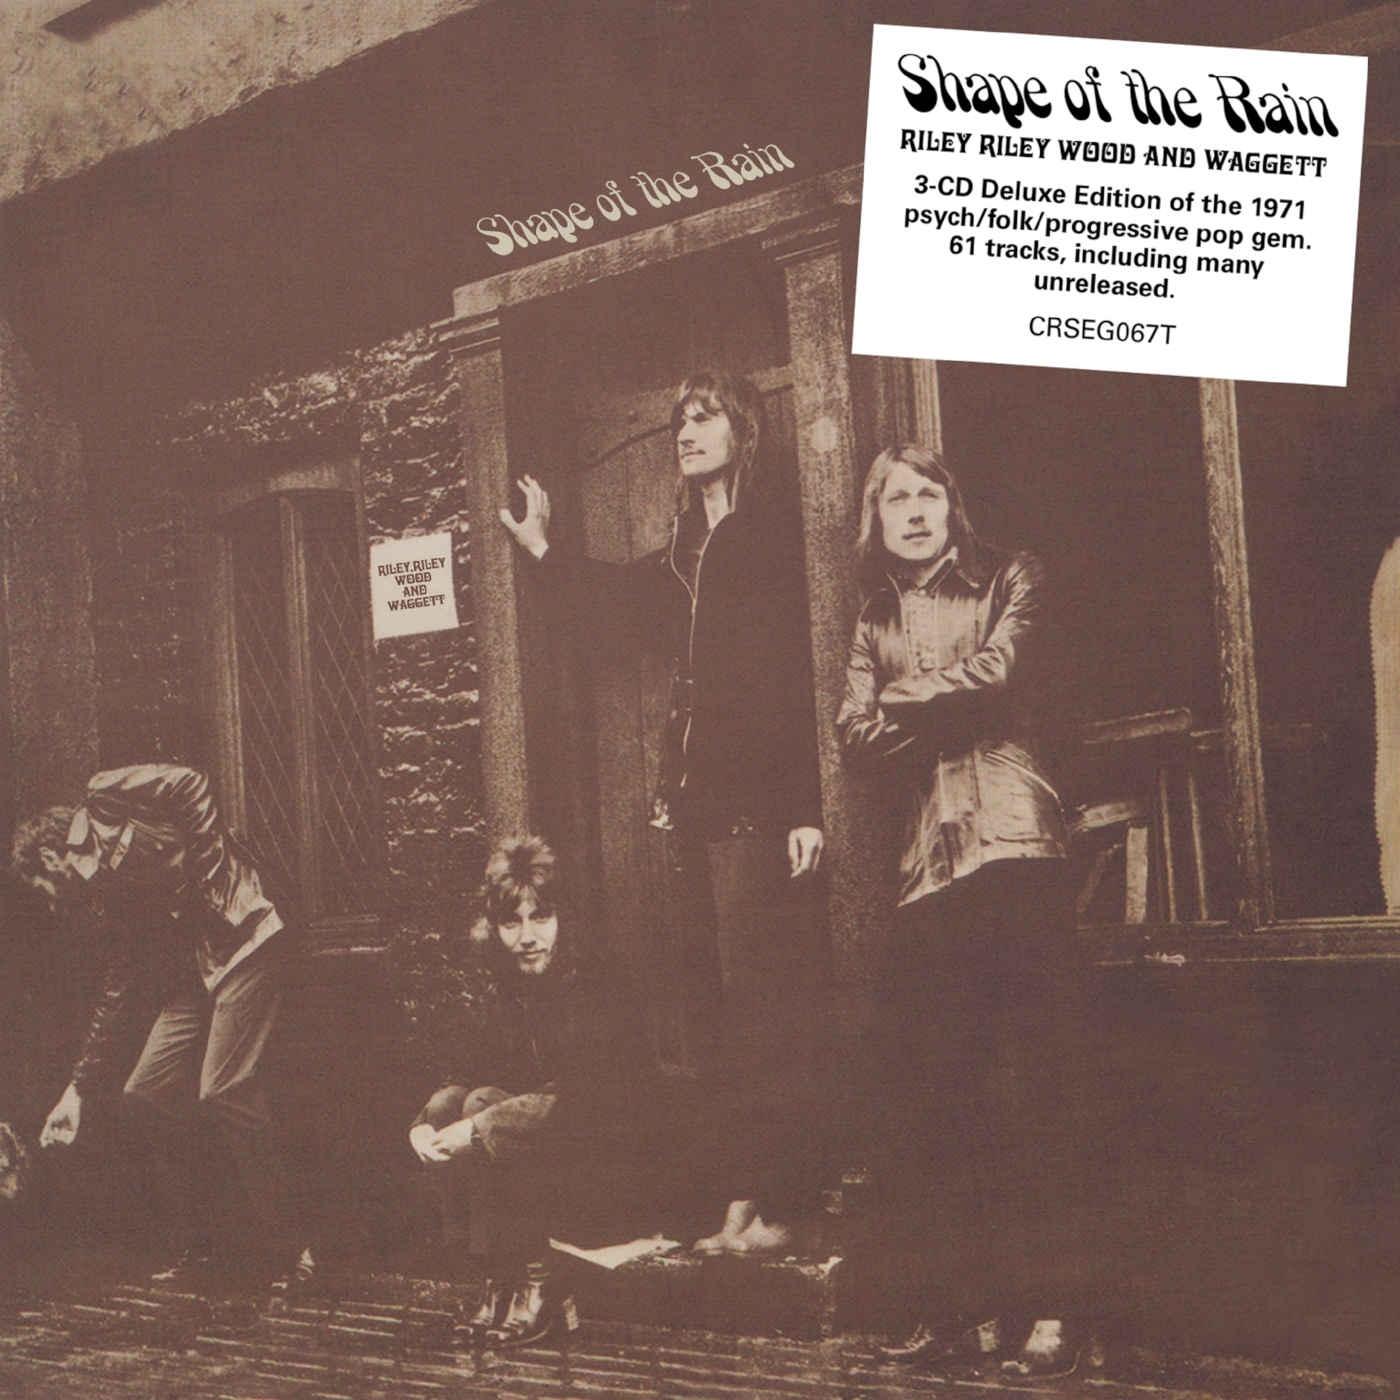 Riley Riley Wood & Waggett, 3CD Digipak